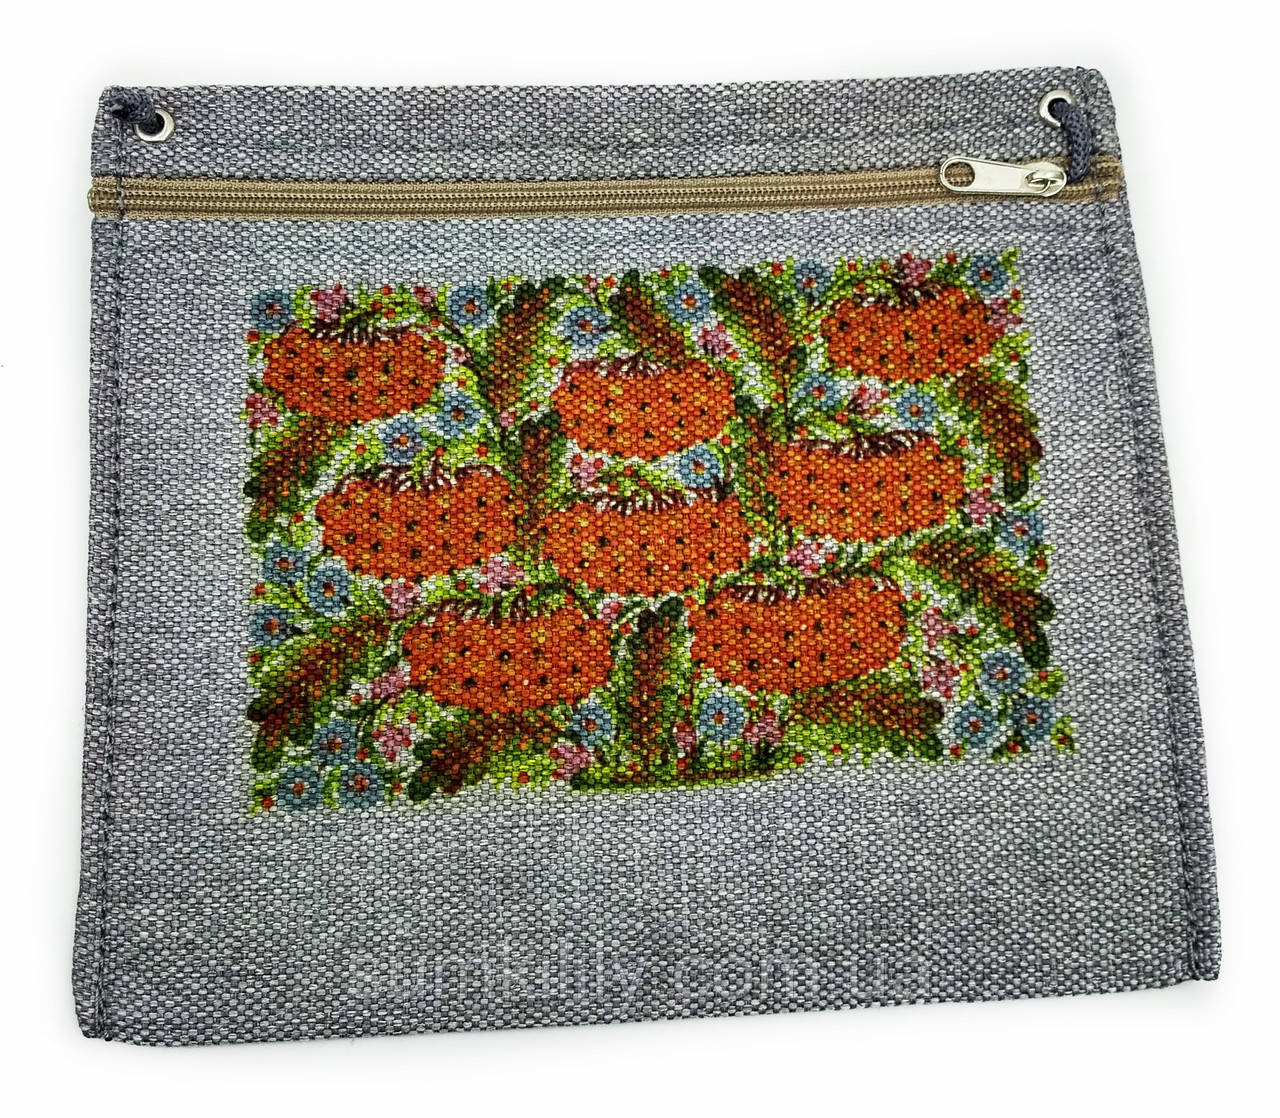 Текстильный кошелек КАЛИНА 2